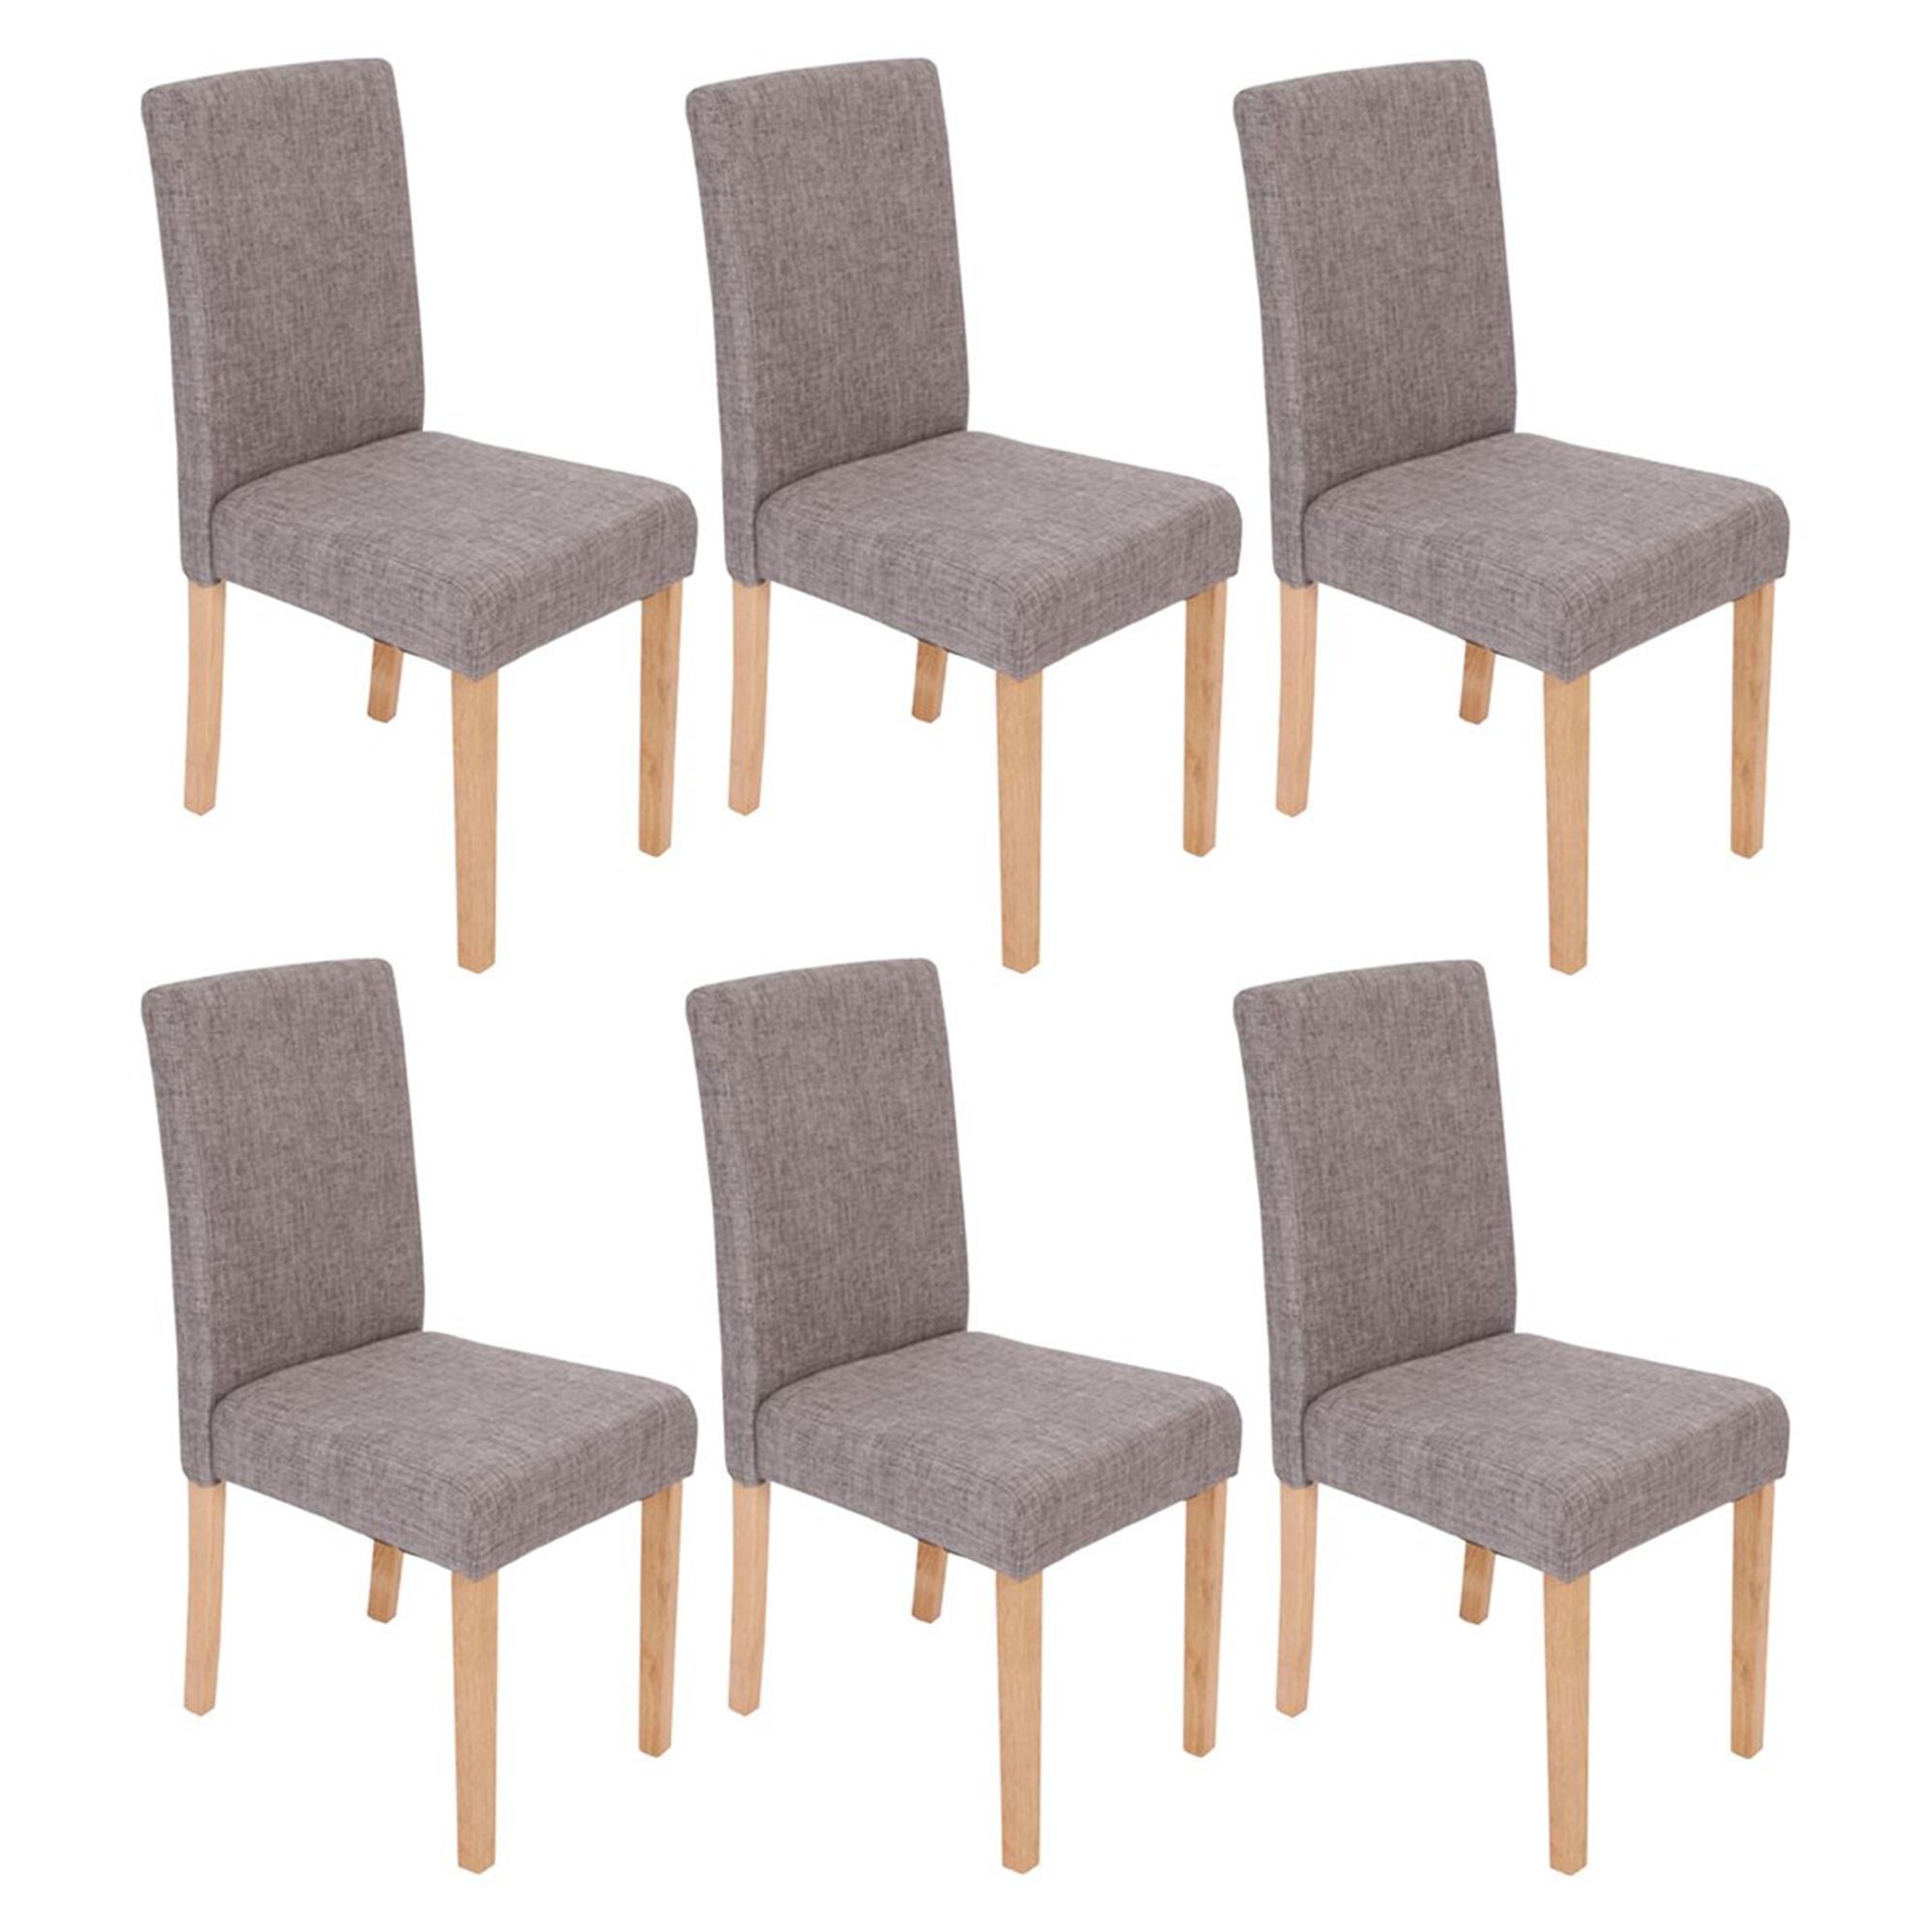 Lote 6 sillas de comedor litau tela precioso dise o tela for Sillas para comedor tapizadas en tela